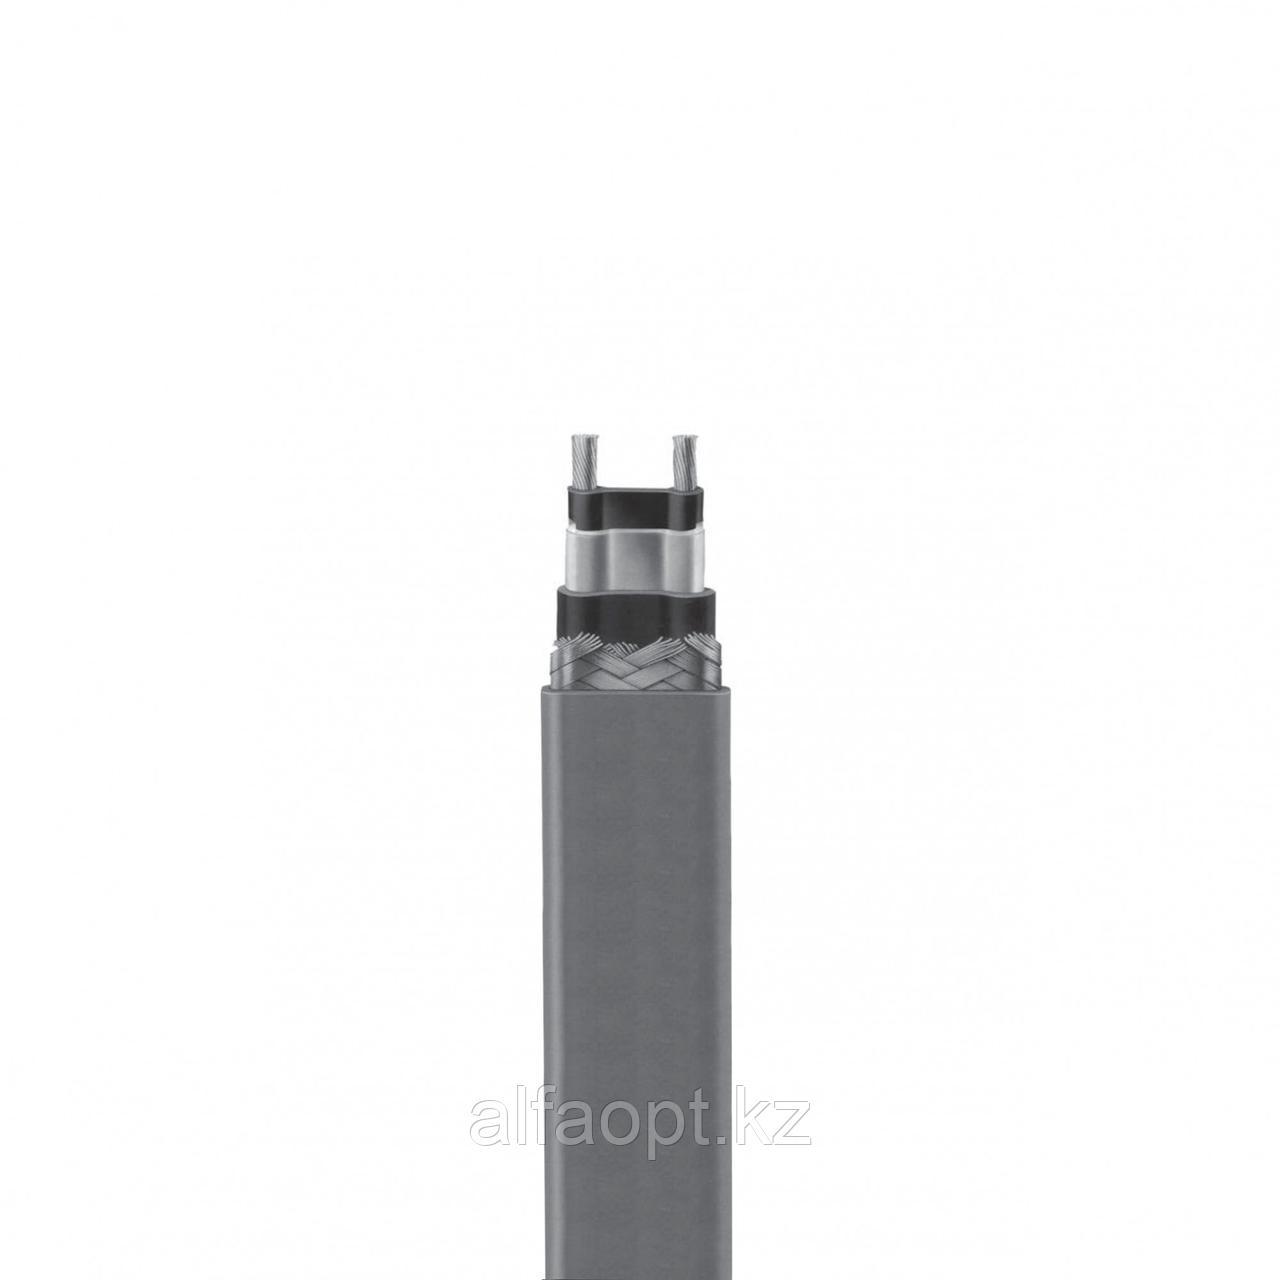 Саморегулирующийся нагревательный кабель NELSON LT-25 – J